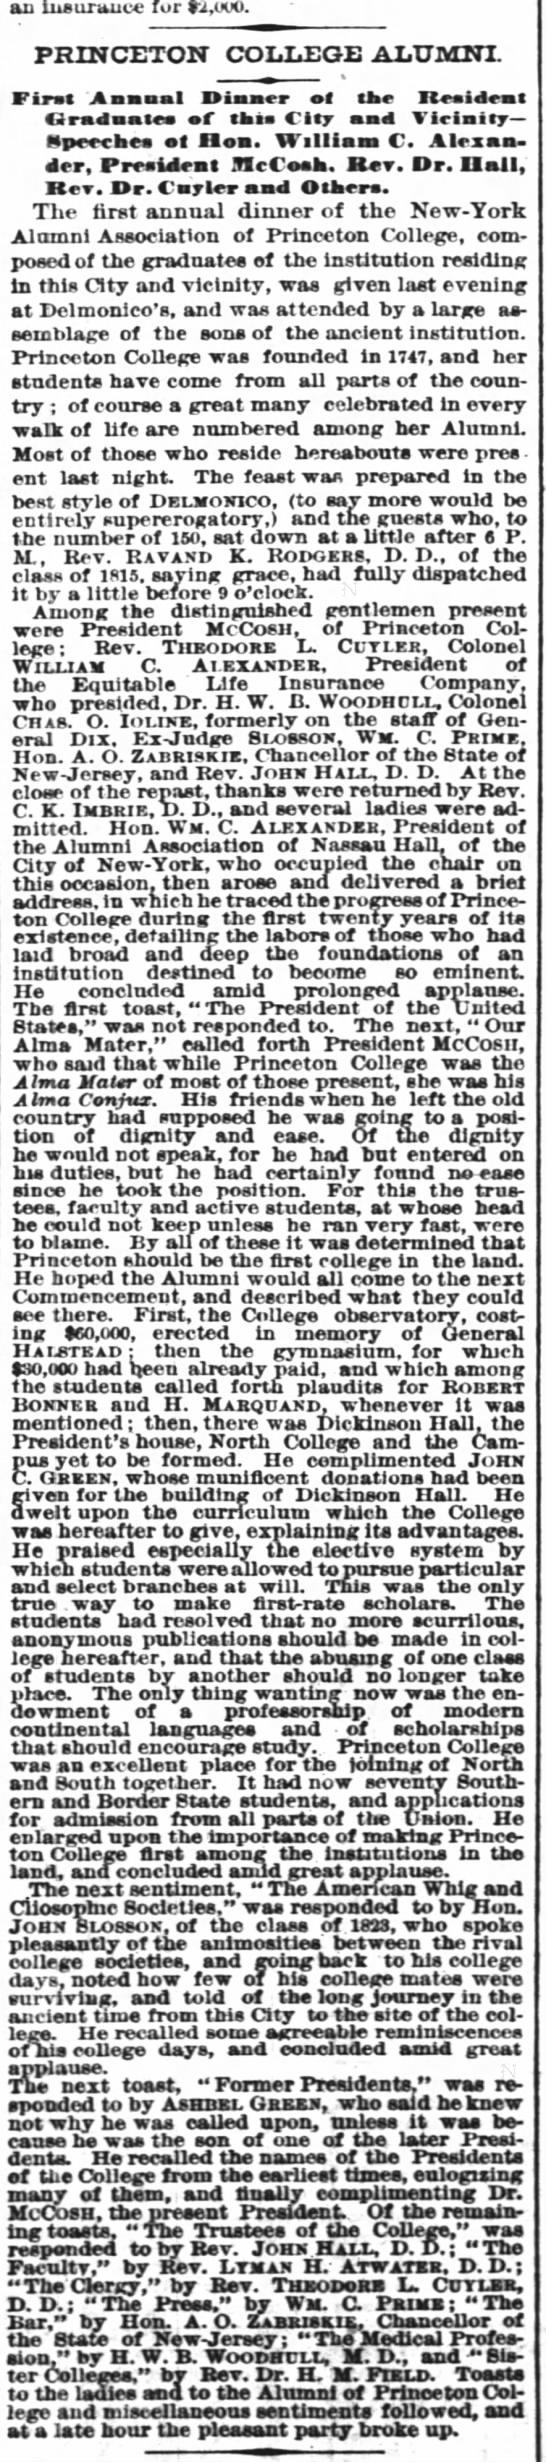 Princeton College Alumni - an insurance for ri.uoo. PRINCETON COLLEGE...